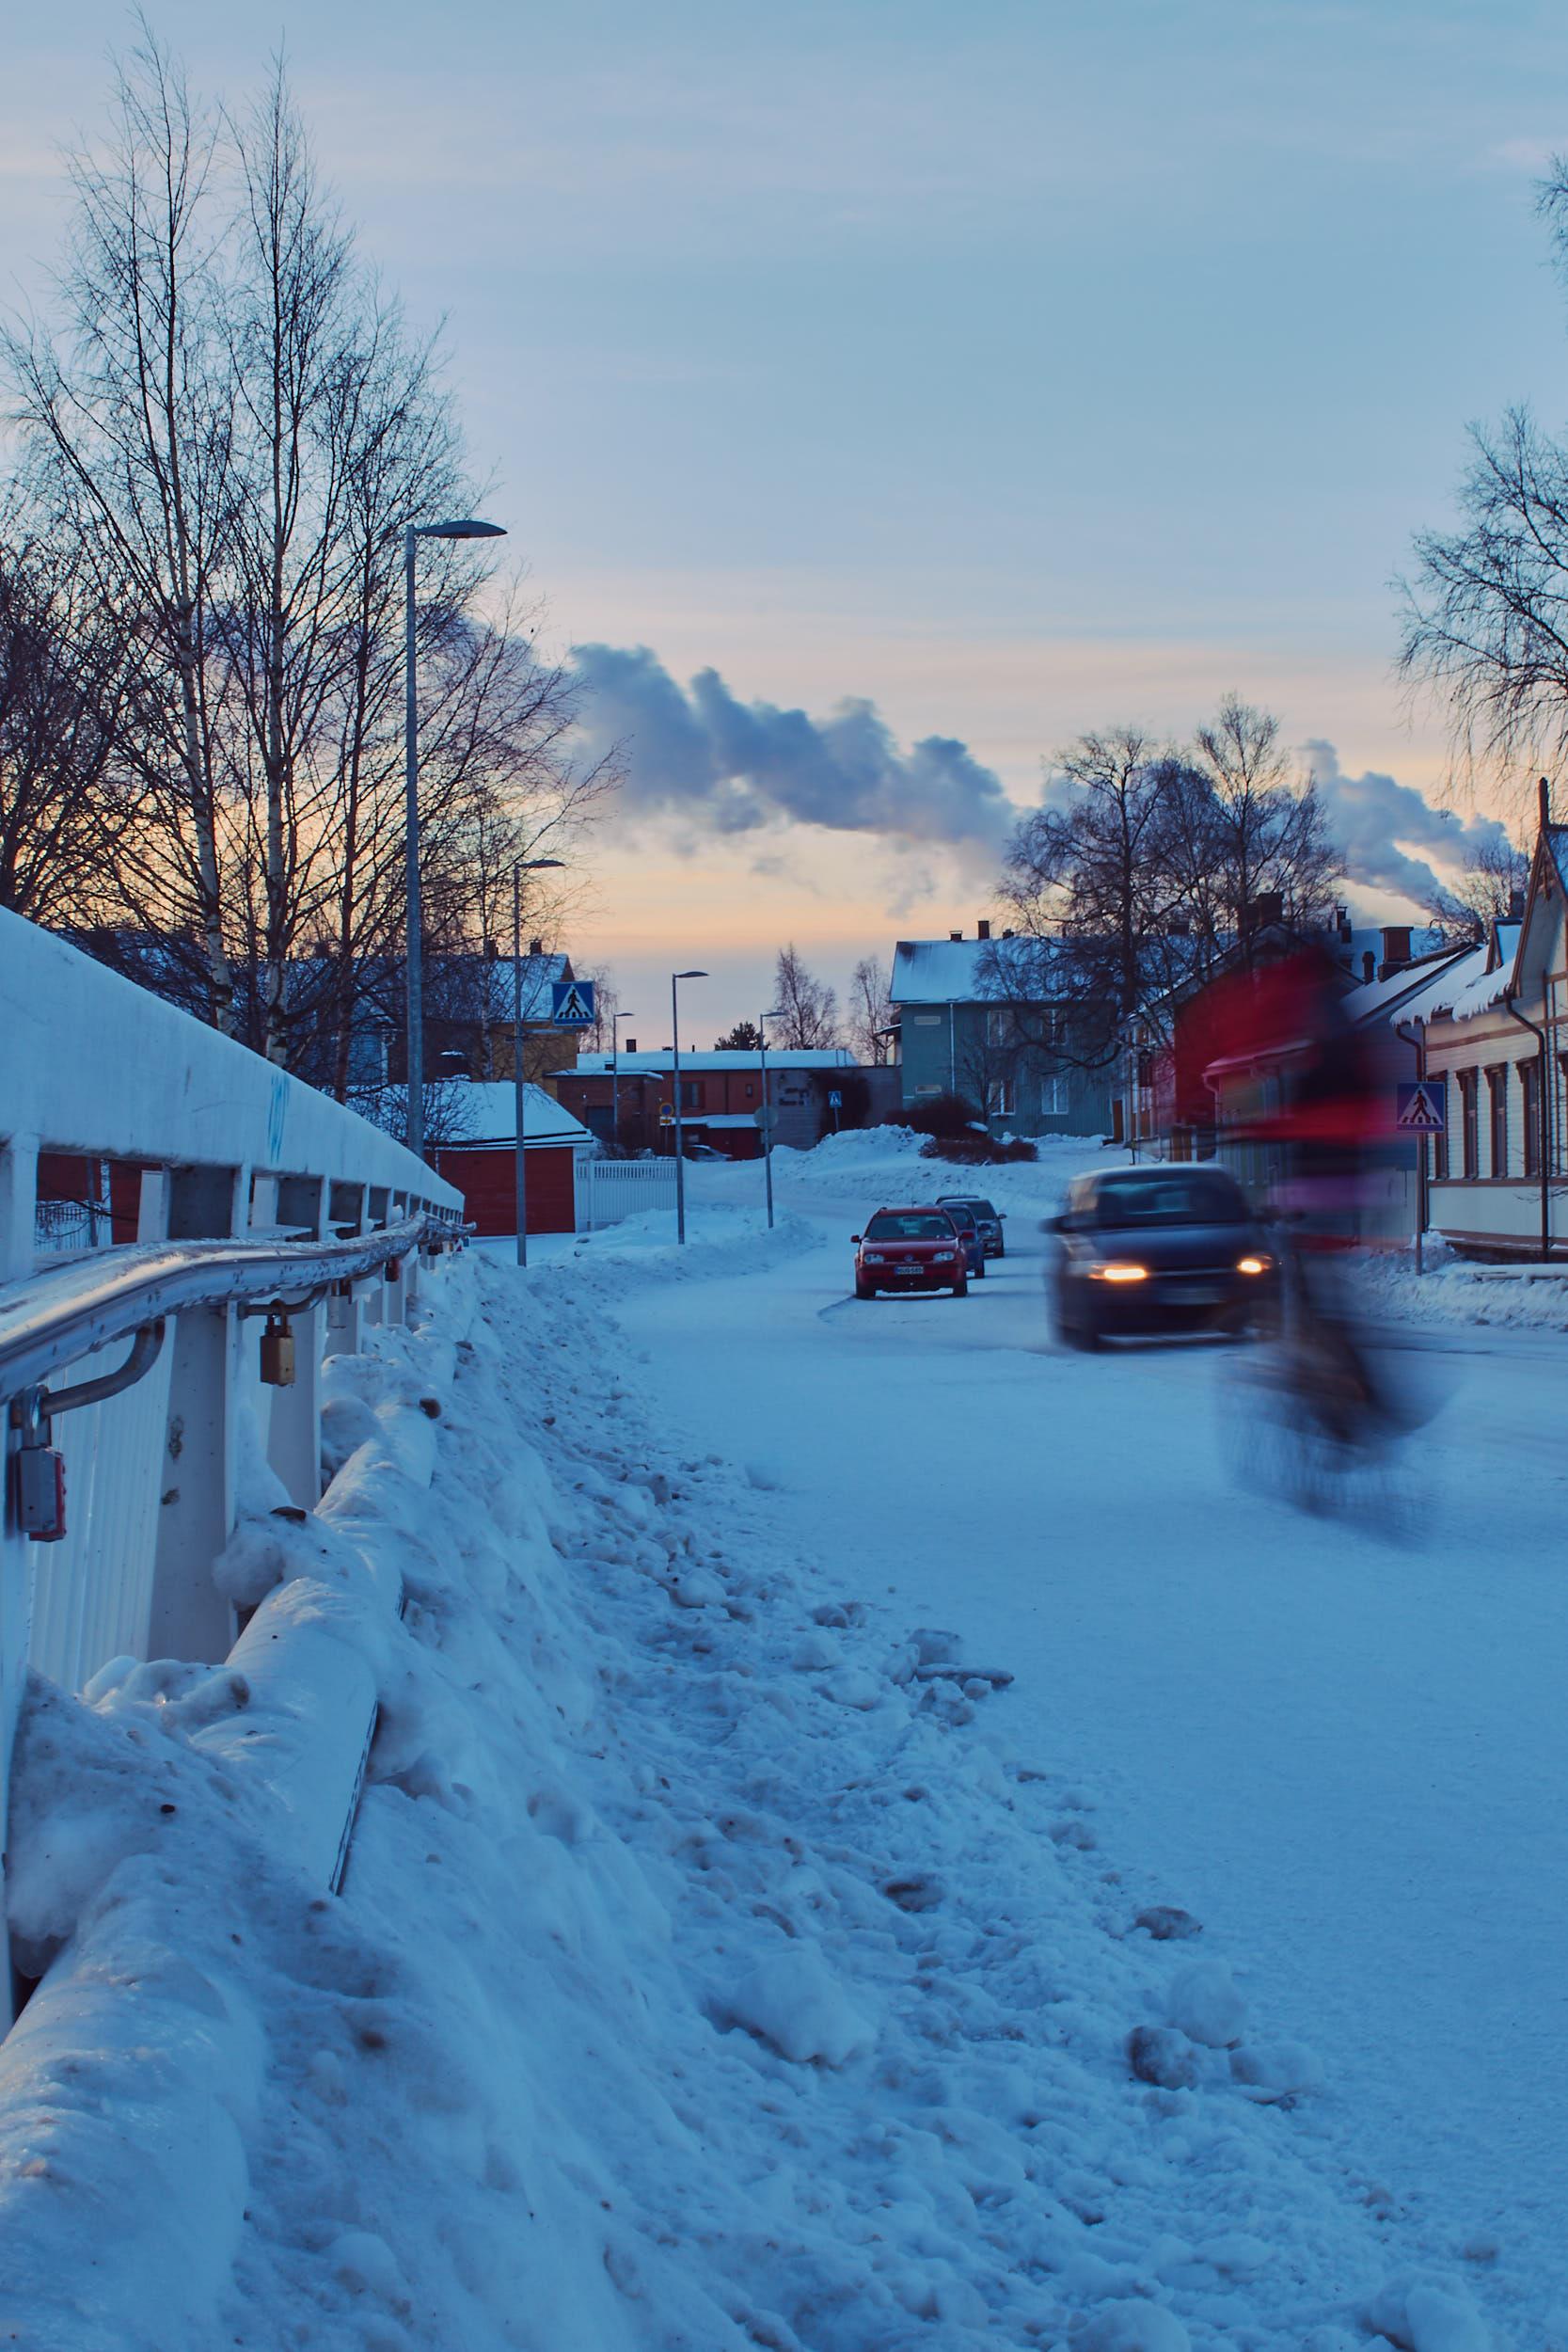 35 mm - 2019-01-07 11.43.41 - Oulu Week 2 Mix.jpg